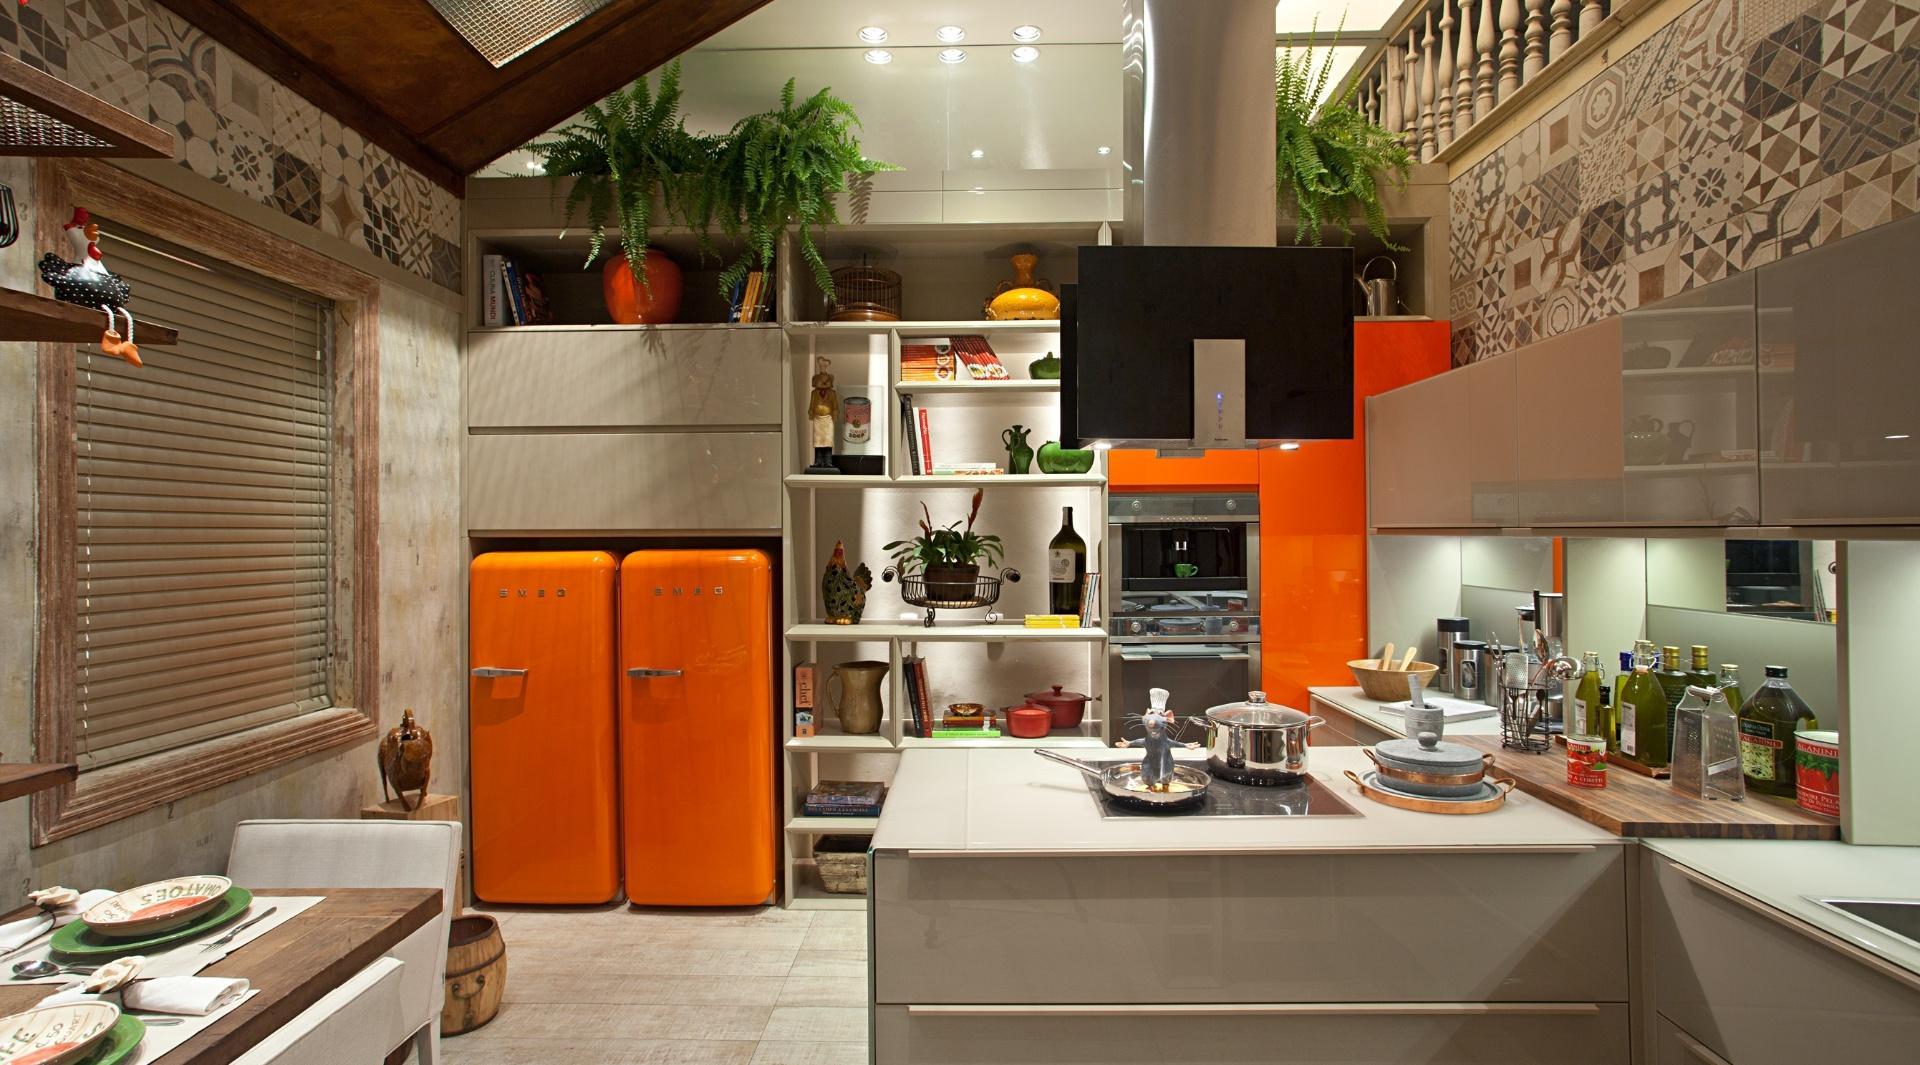 Оранжевые встроенные холодильники на просторной кухне